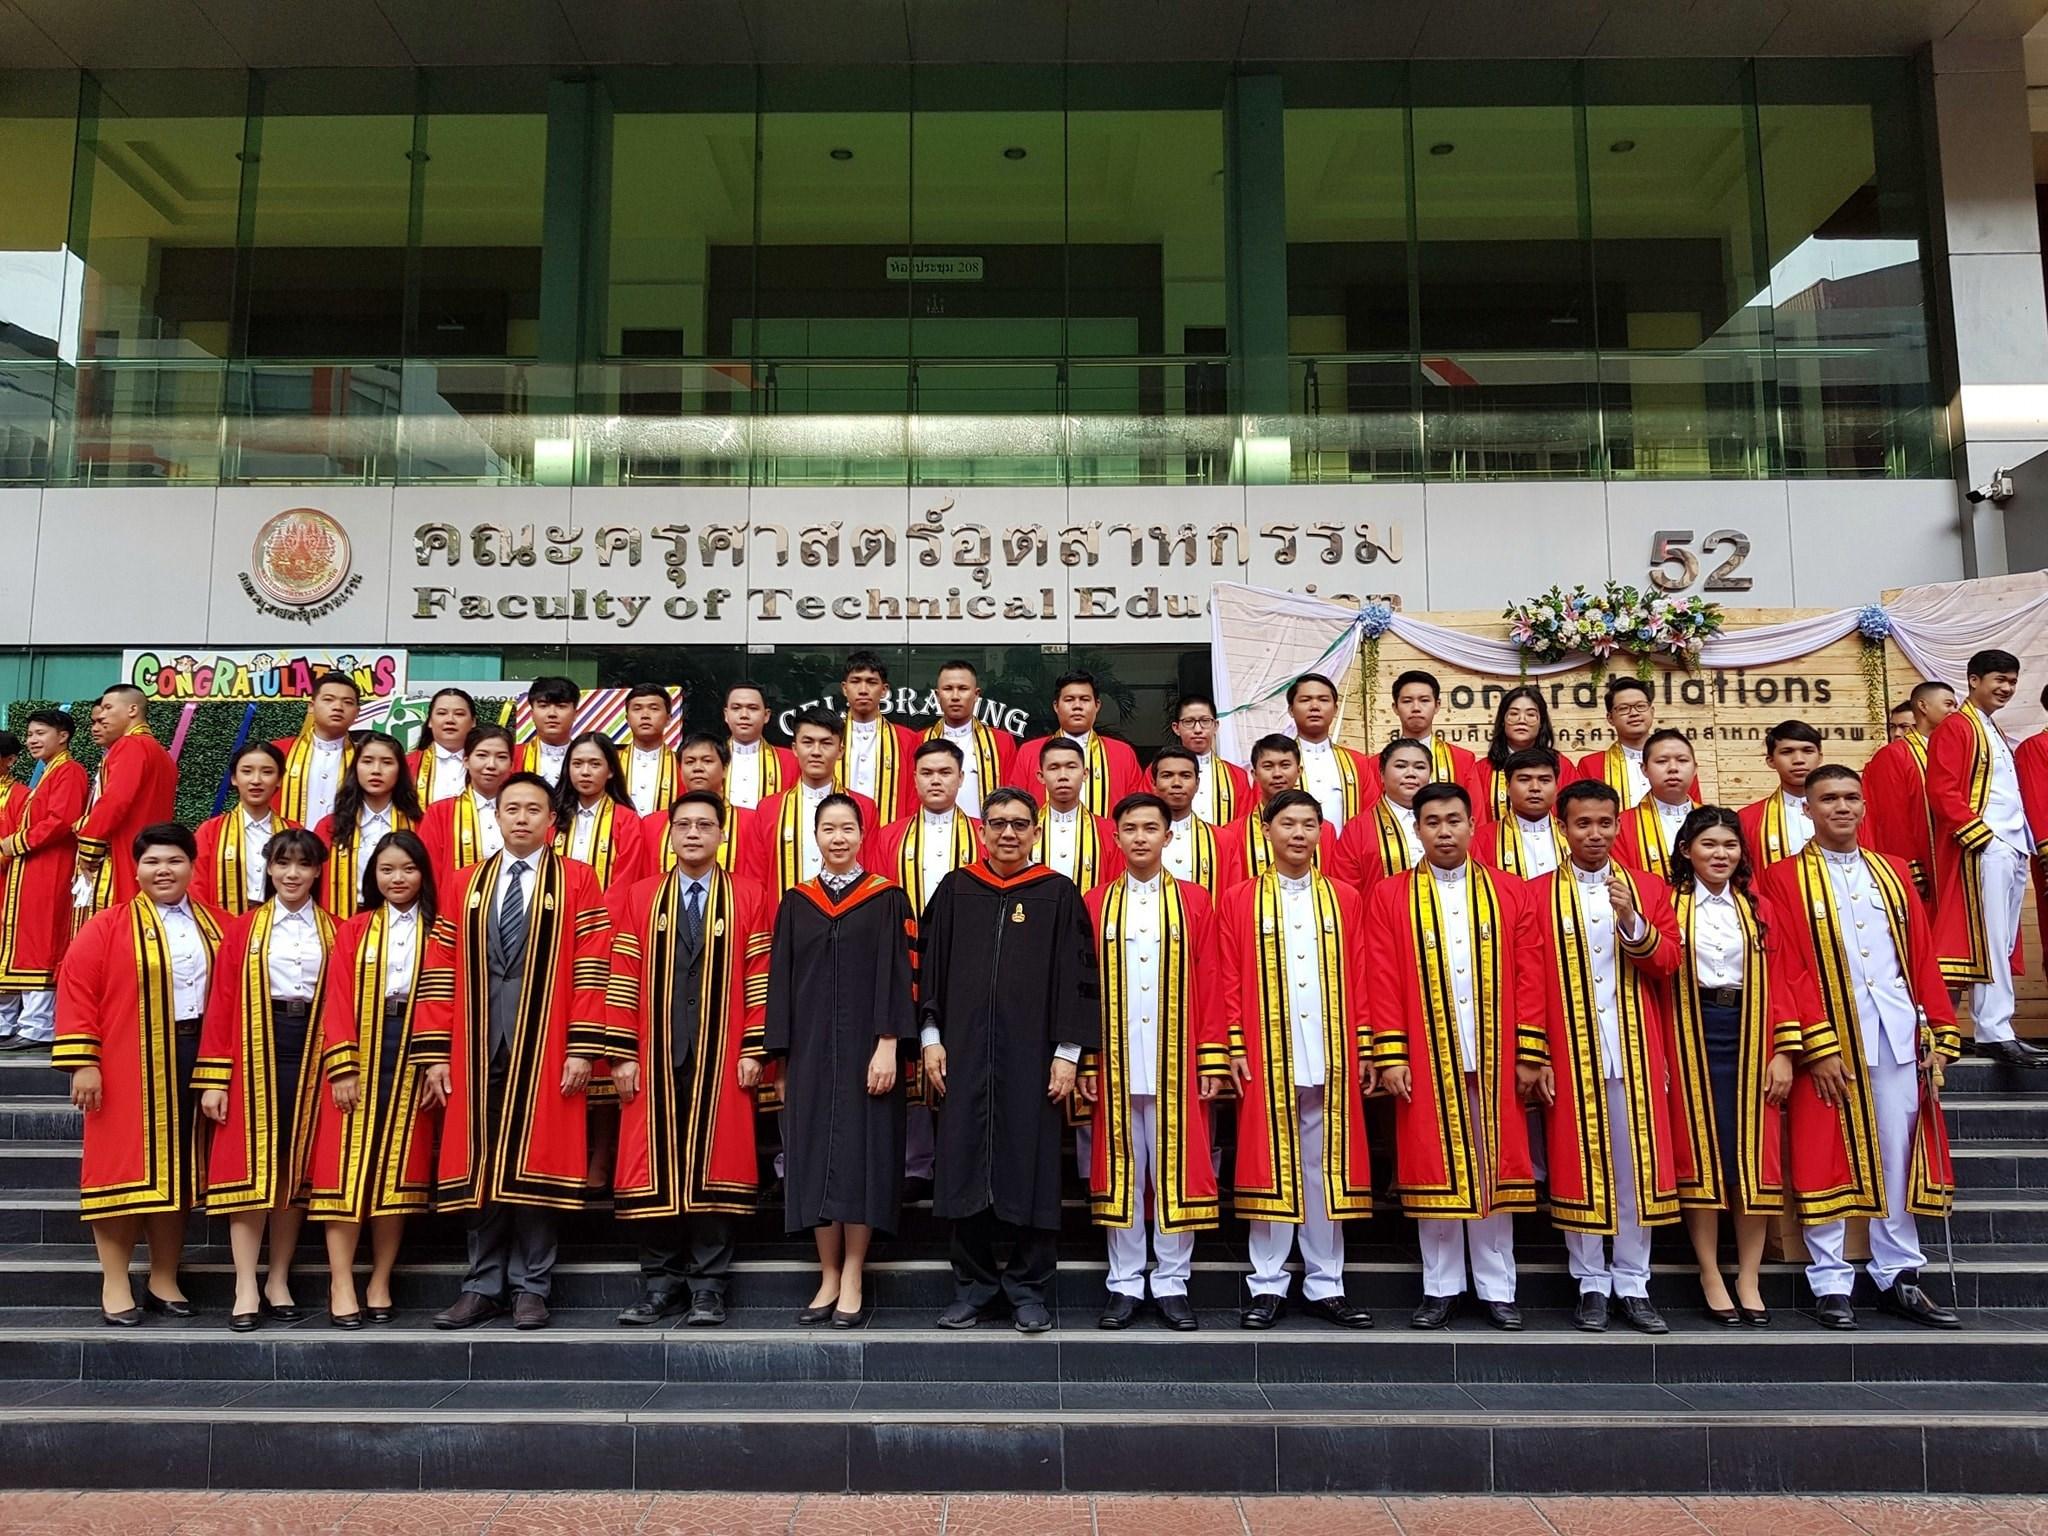 ขอแสดงความยินดีกับ บัณฑิต  วิศวกรรมโยธาและการศึกษา  ประจำปีการศึกษา 2561